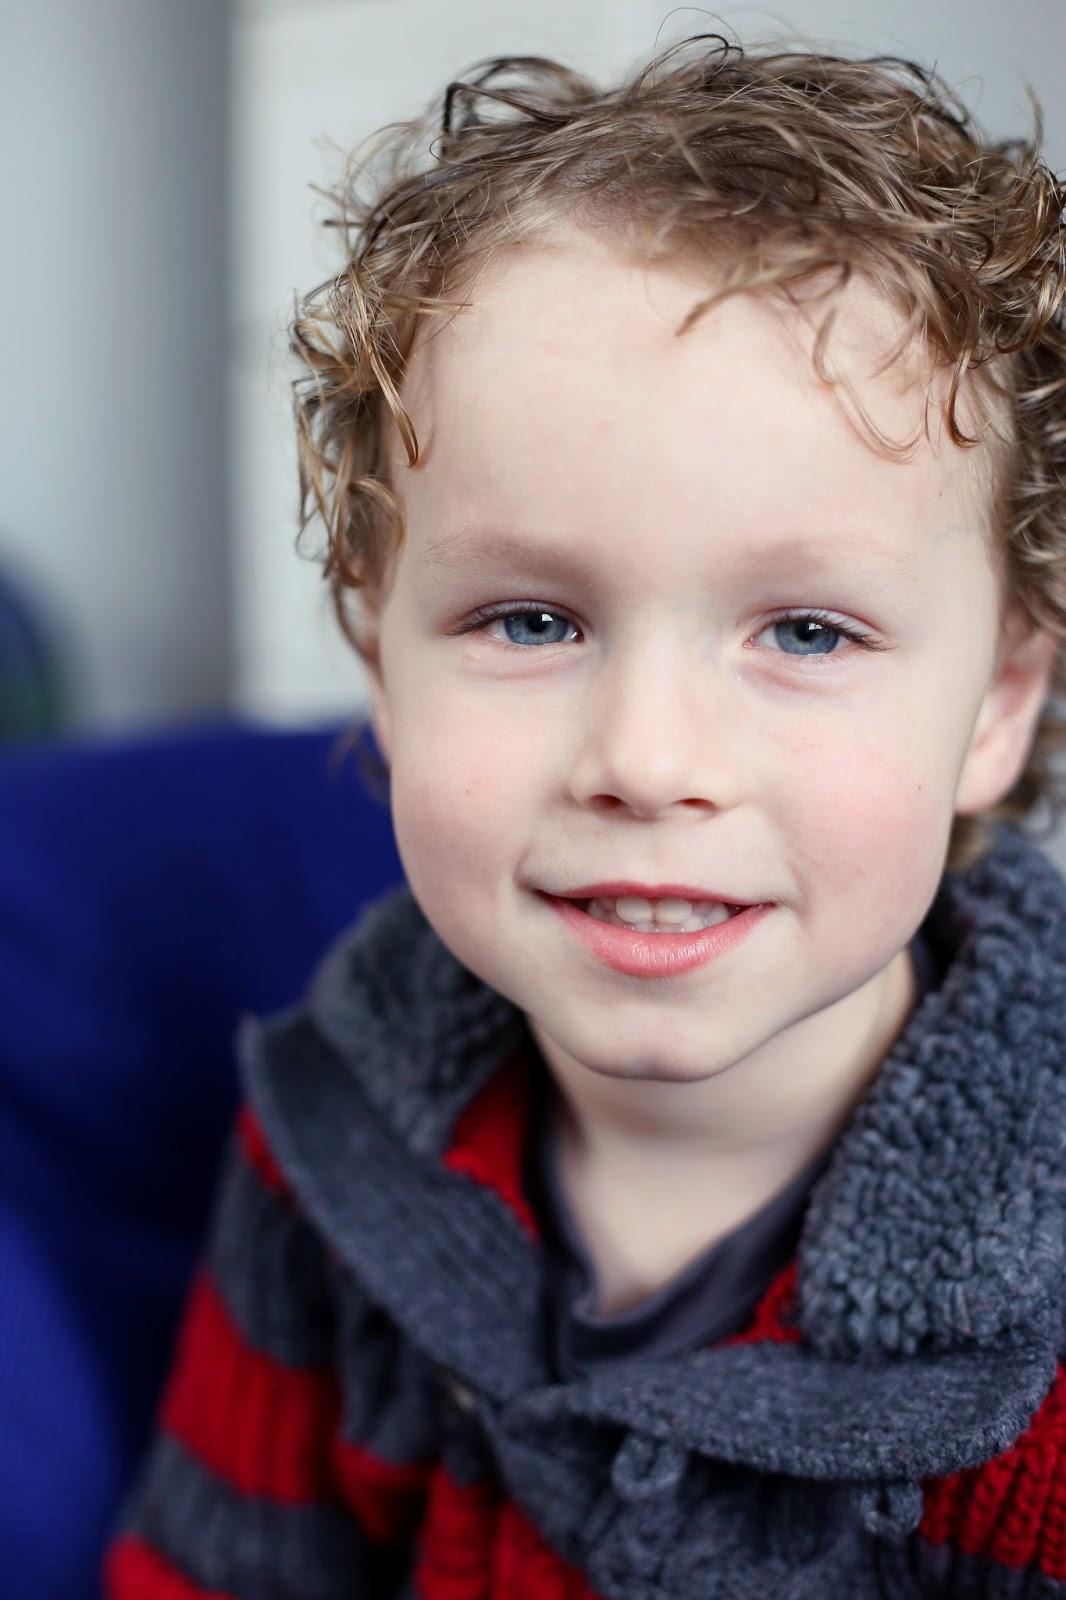 4 year old boy portrait